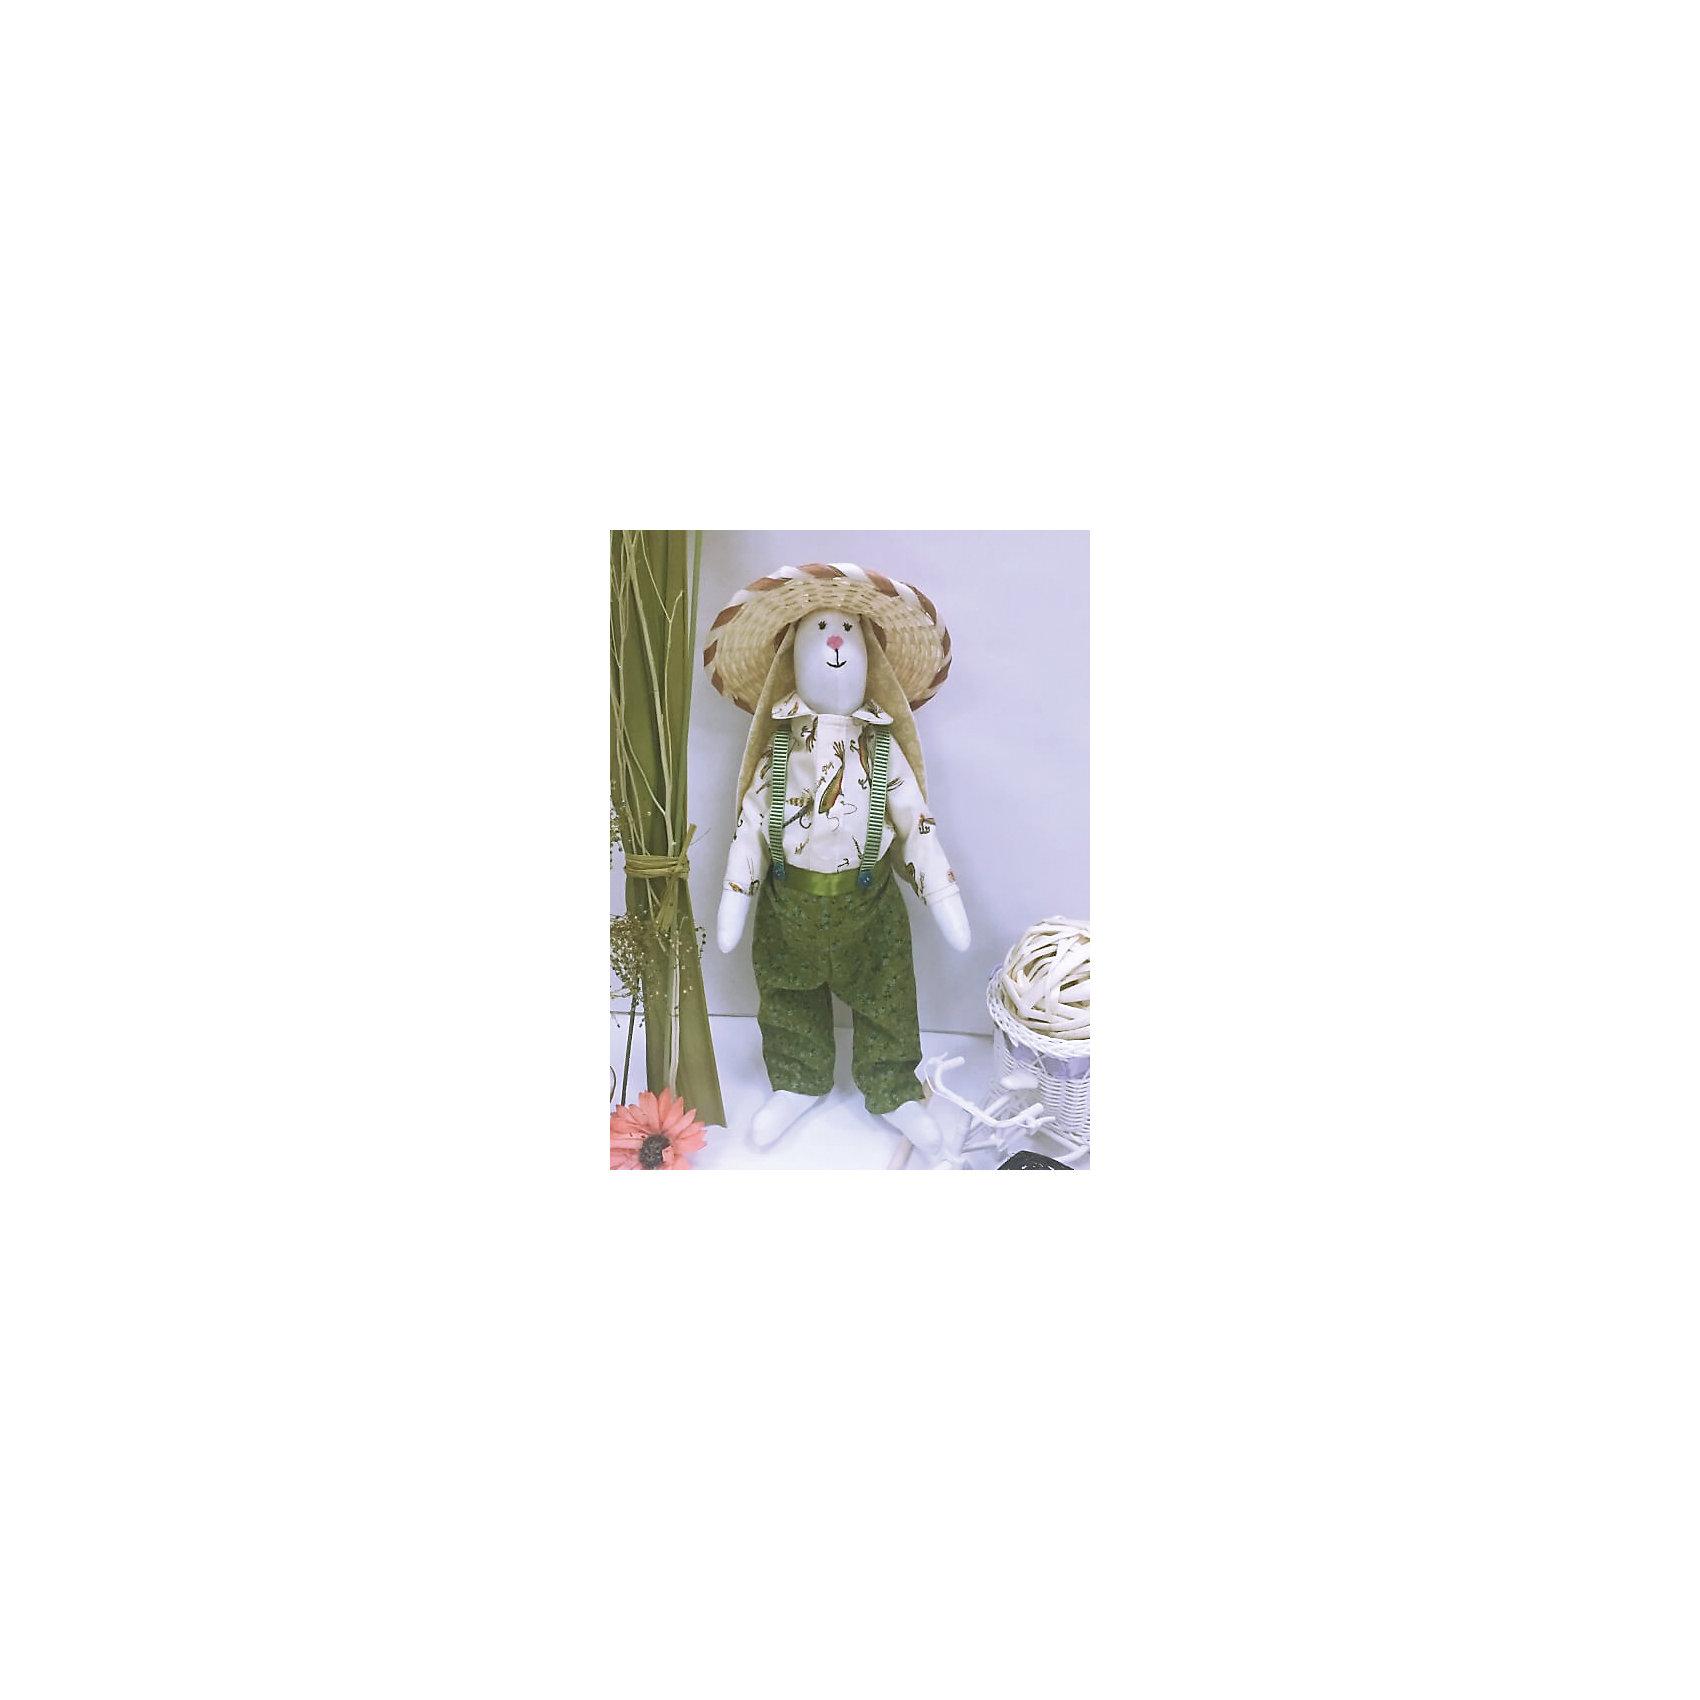 Набор для шитья Зайка ПасечникВ набор входит выкройка, подробная инструкция, лекало, мел, булавки, нитки, наполнитель-холлафайбер, ленты и аксессуары для украшения. Игрушка выполняется из специальной несыпучей ткани для печворка. Своими руками Вы создаете дизайнерскую игрушку<br><br>Ширина мм: 250<br>Глубина мм: 20<br>Высота мм: 350<br>Вес г: 500<br>Возраст от месяцев: 120<br>Возраст до месяцев: 180<br>Пол: Унисекс<br>Возраст: Детский<br>SKU: 5350869